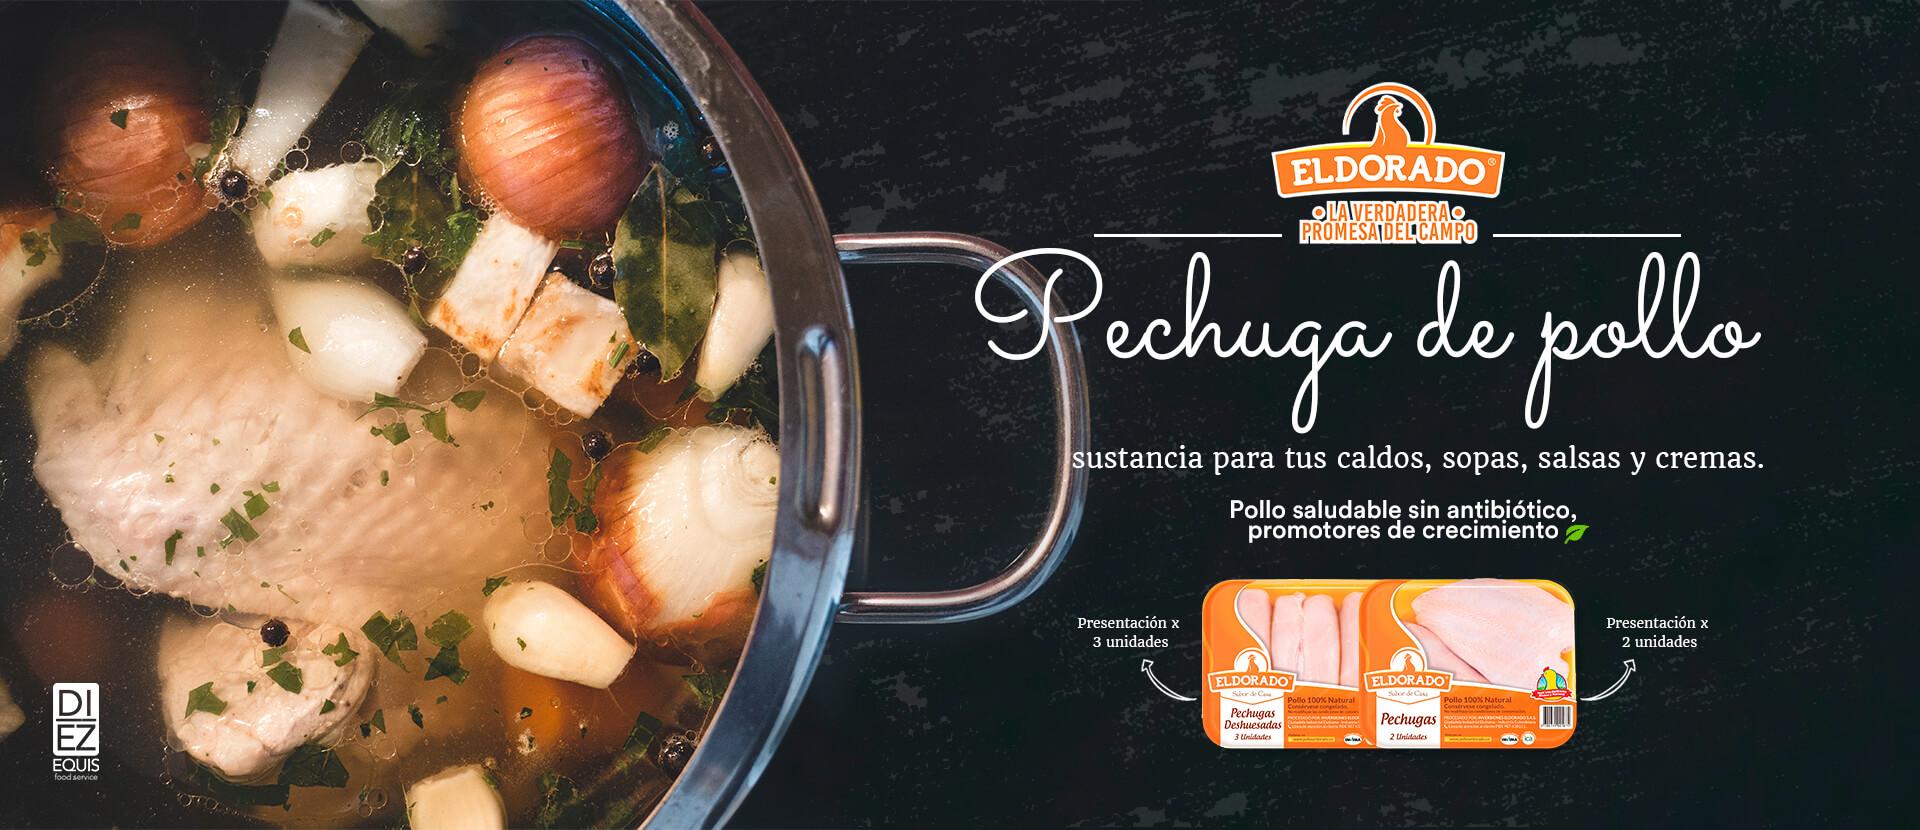 Banner Pechuga de pollo ElDorado